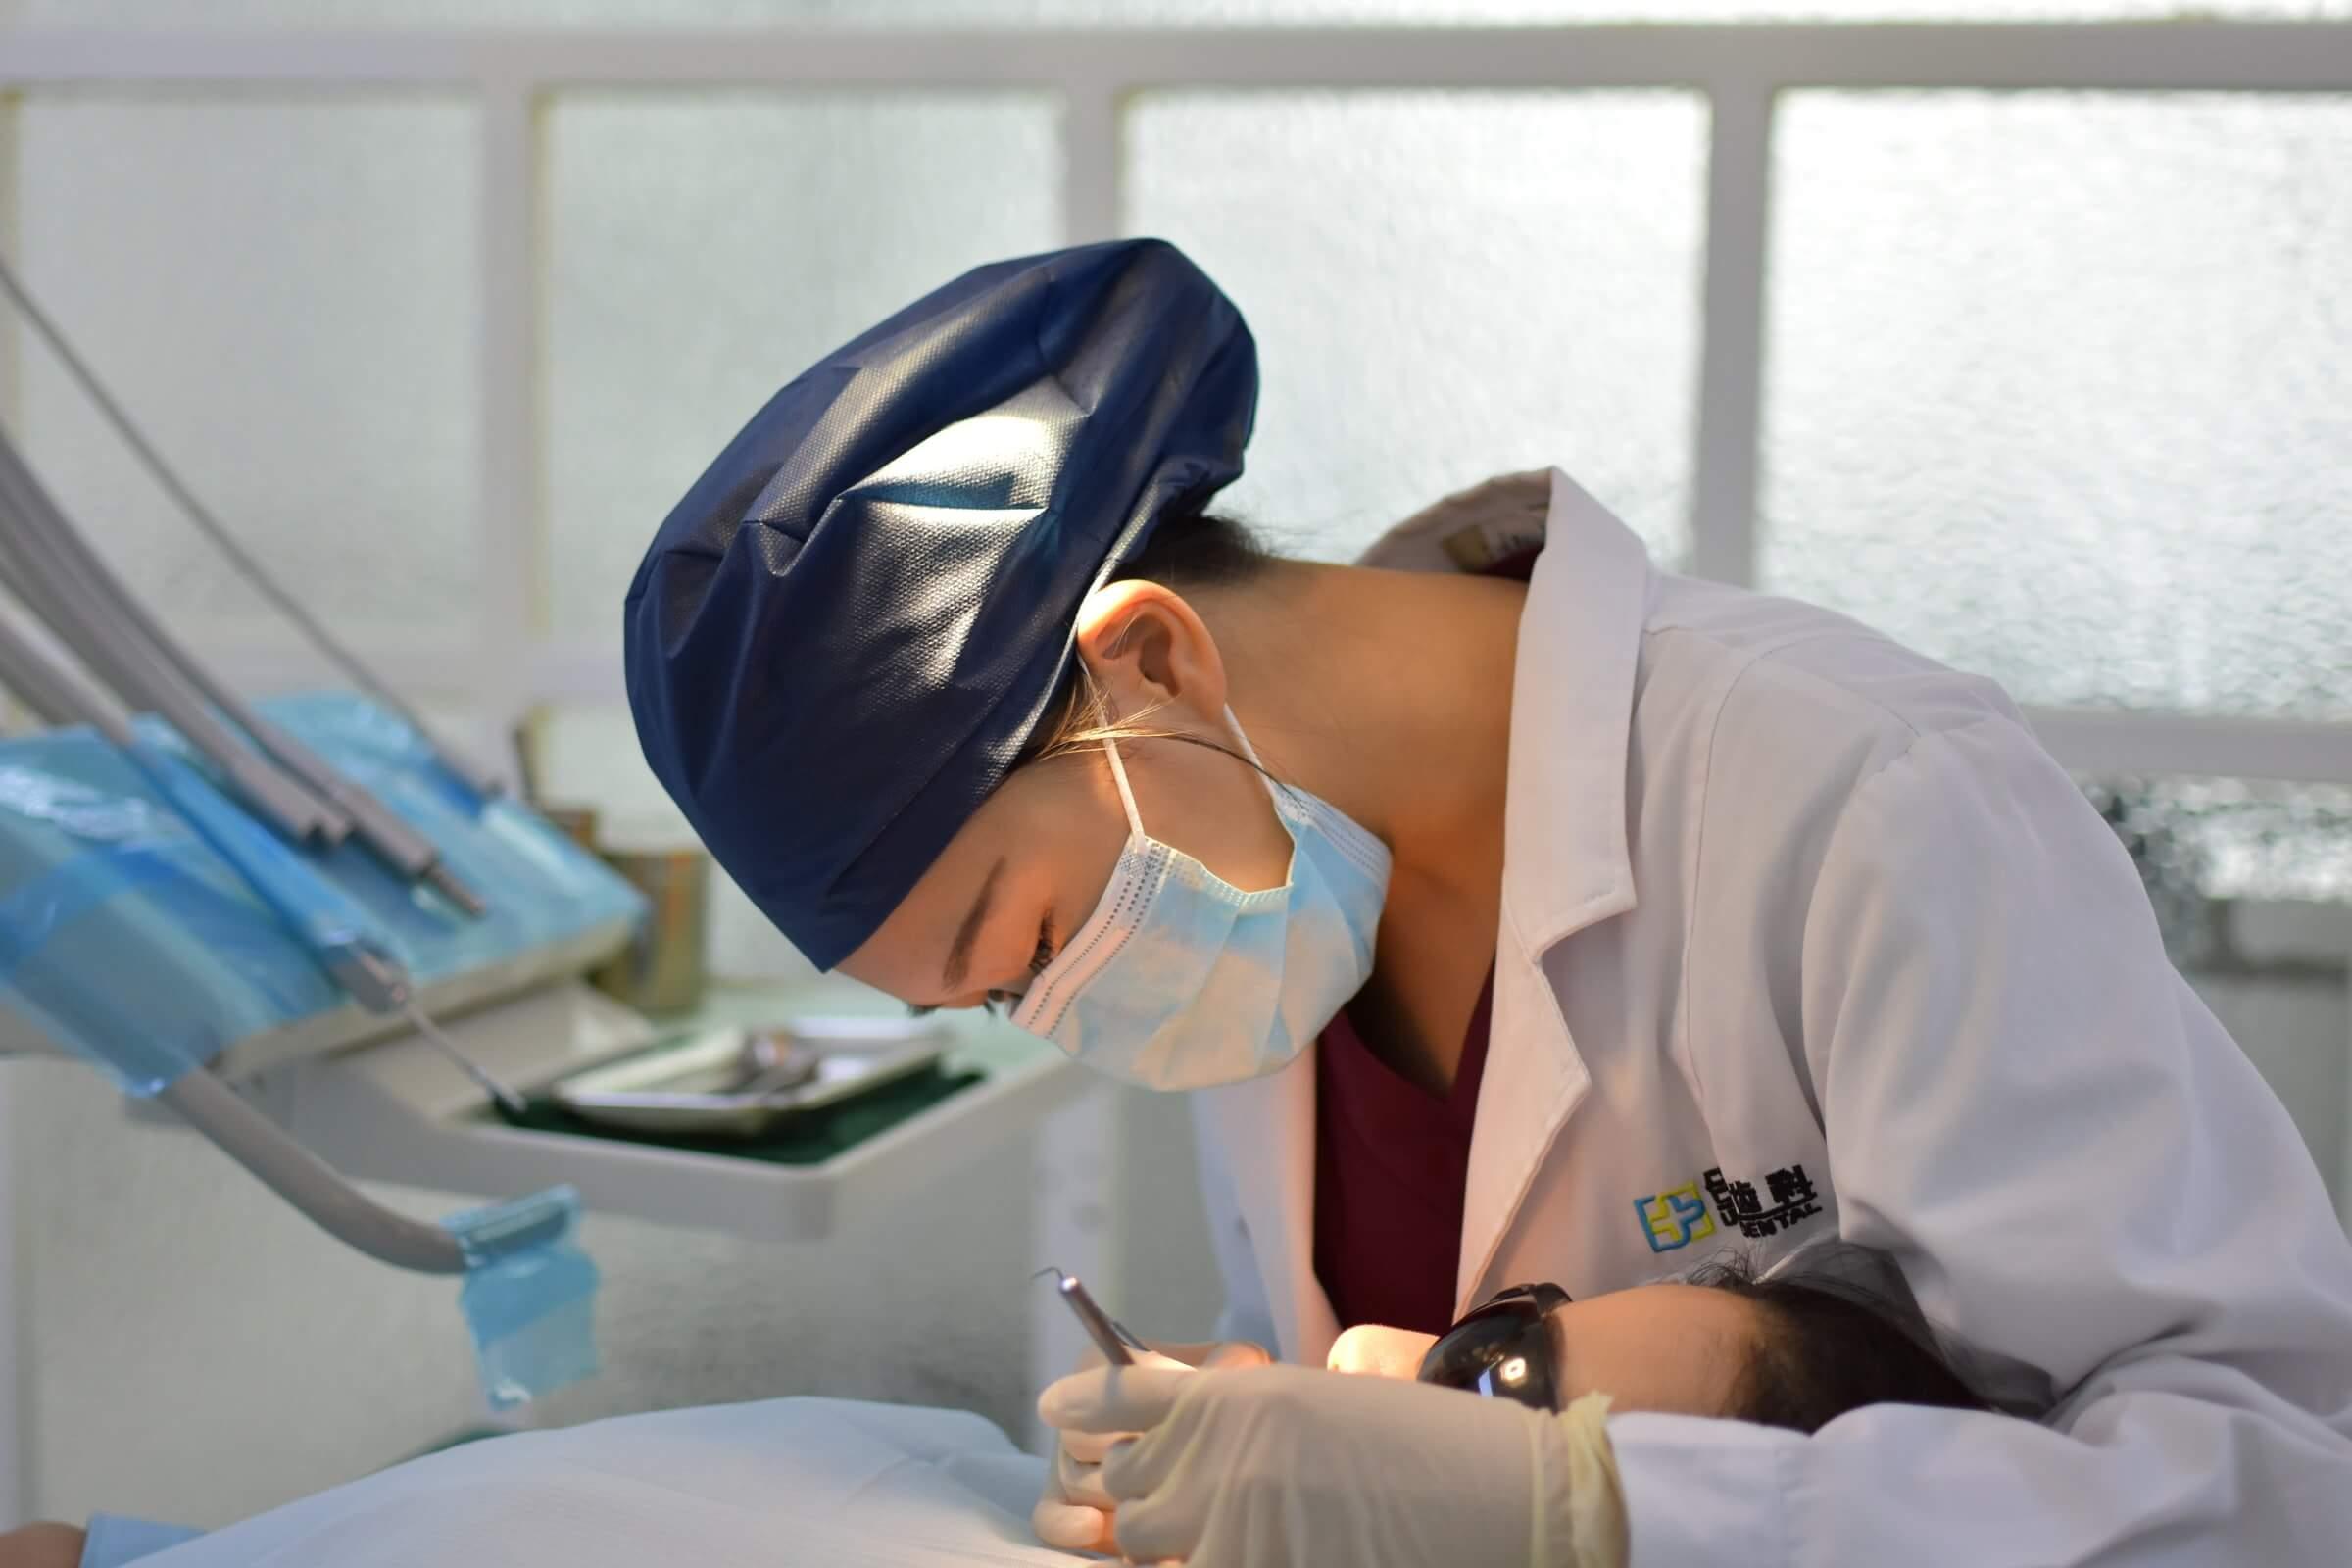 歯医者で胸を当ててもらう方法